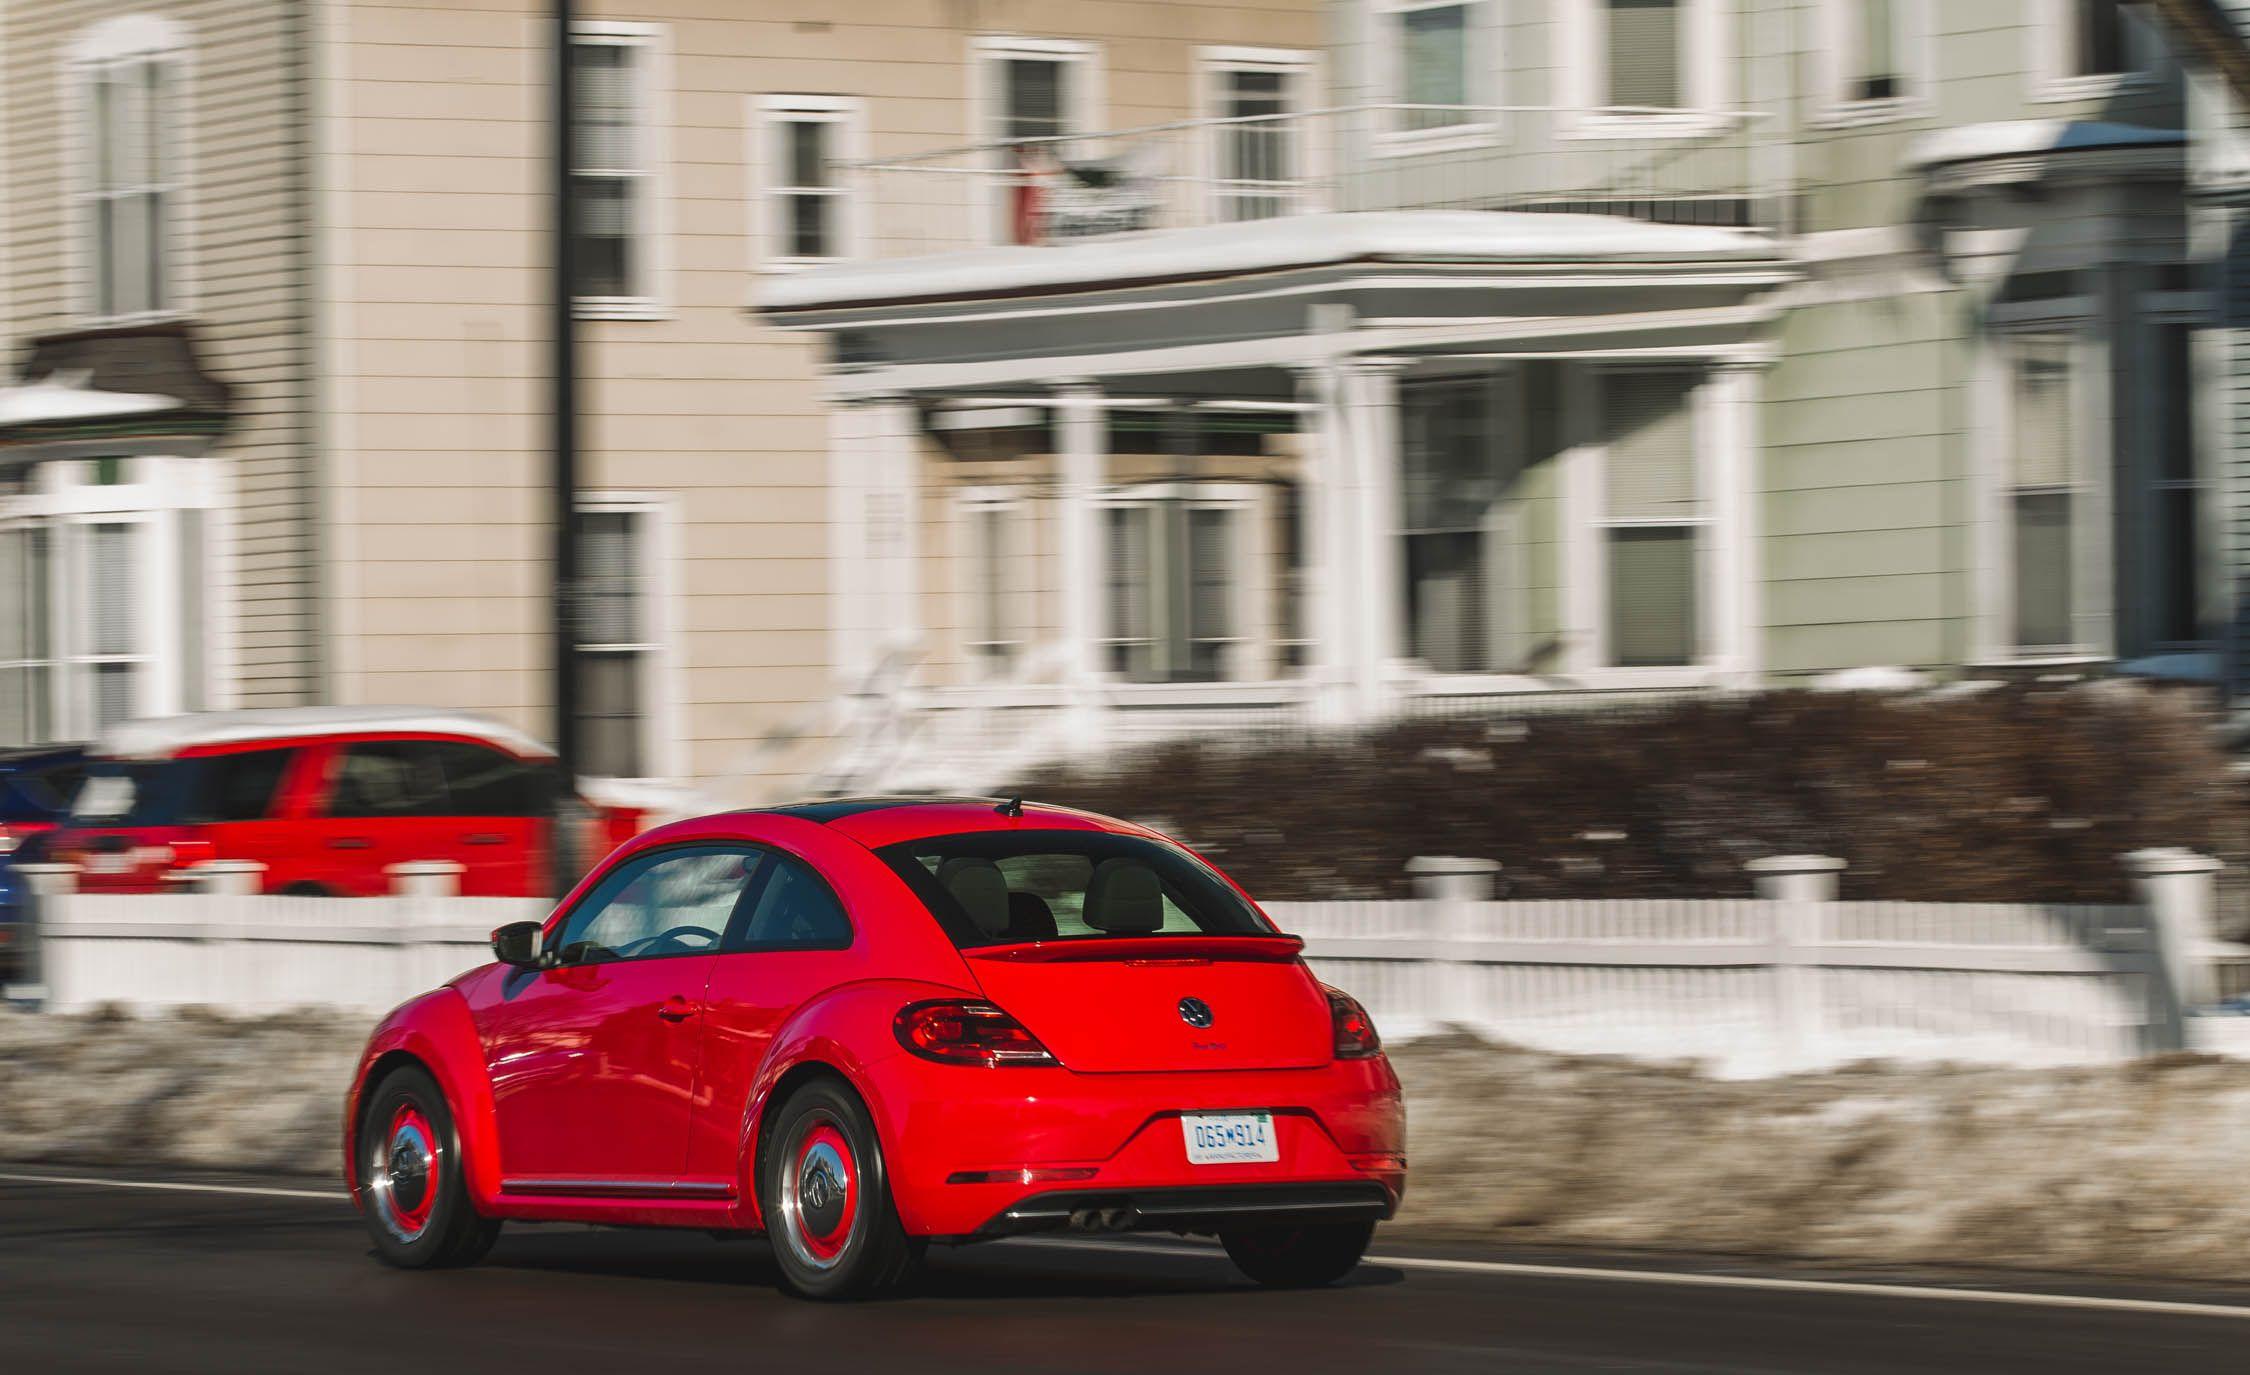 Volkswagen Beetle Reviews Volkswagen Beetle Price Photos And